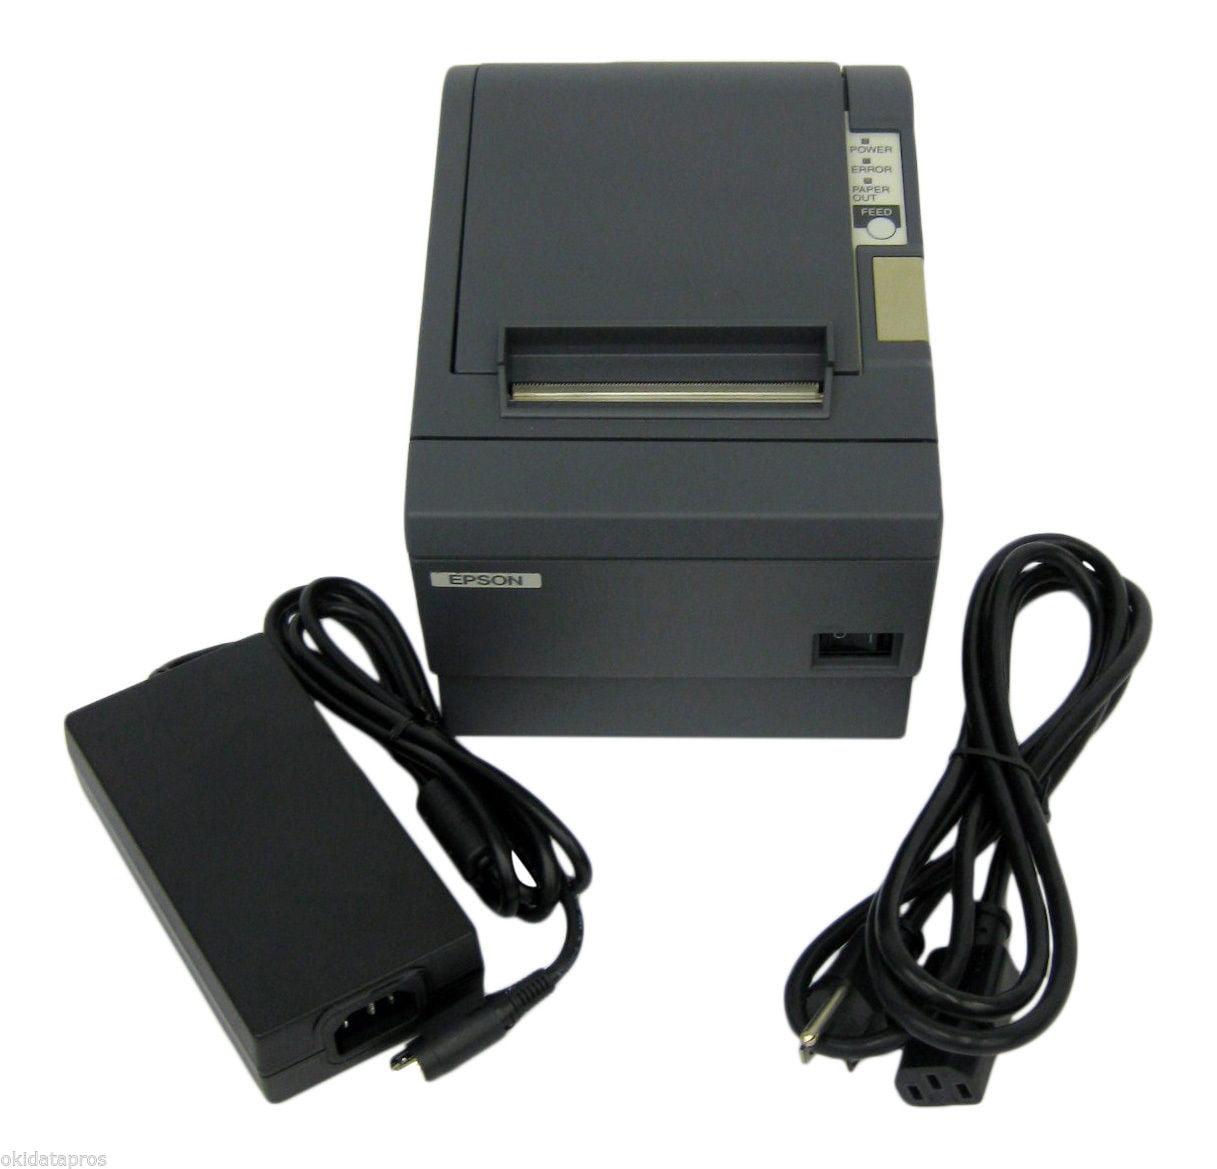 Epson Seiko TM-T88IIIP M129C POS Thermal Receipt Printer ...